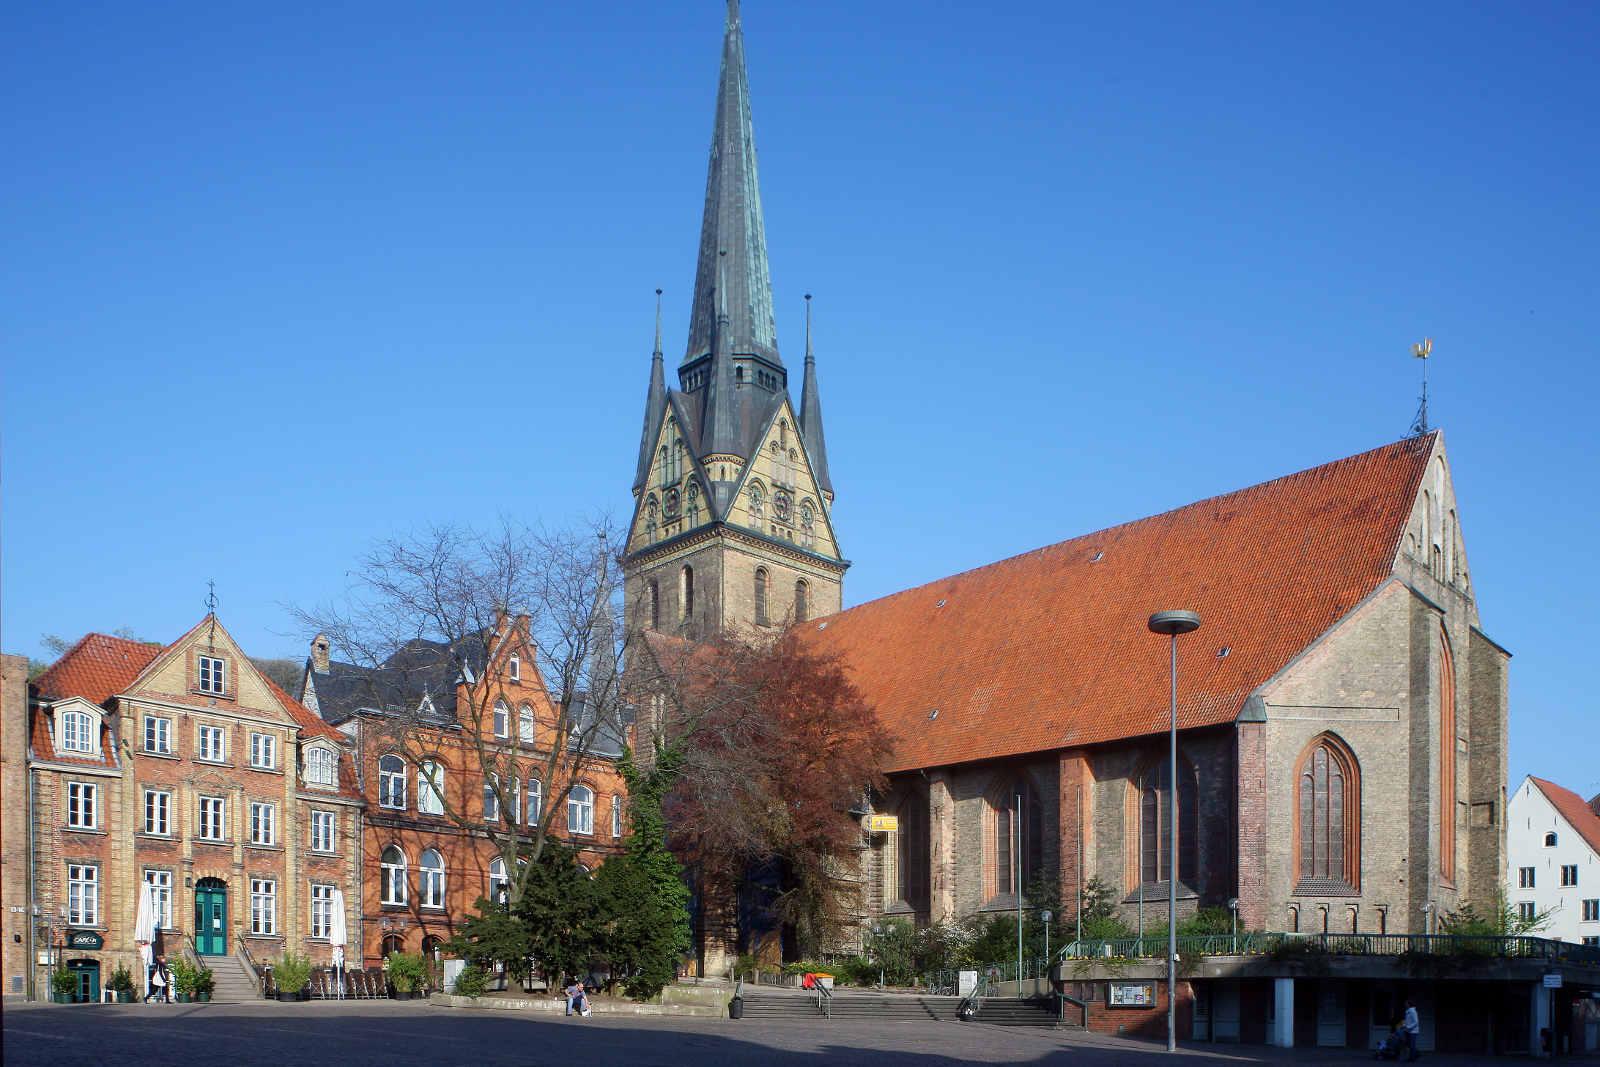 St.-Nikolai-Kirche, Flensburg